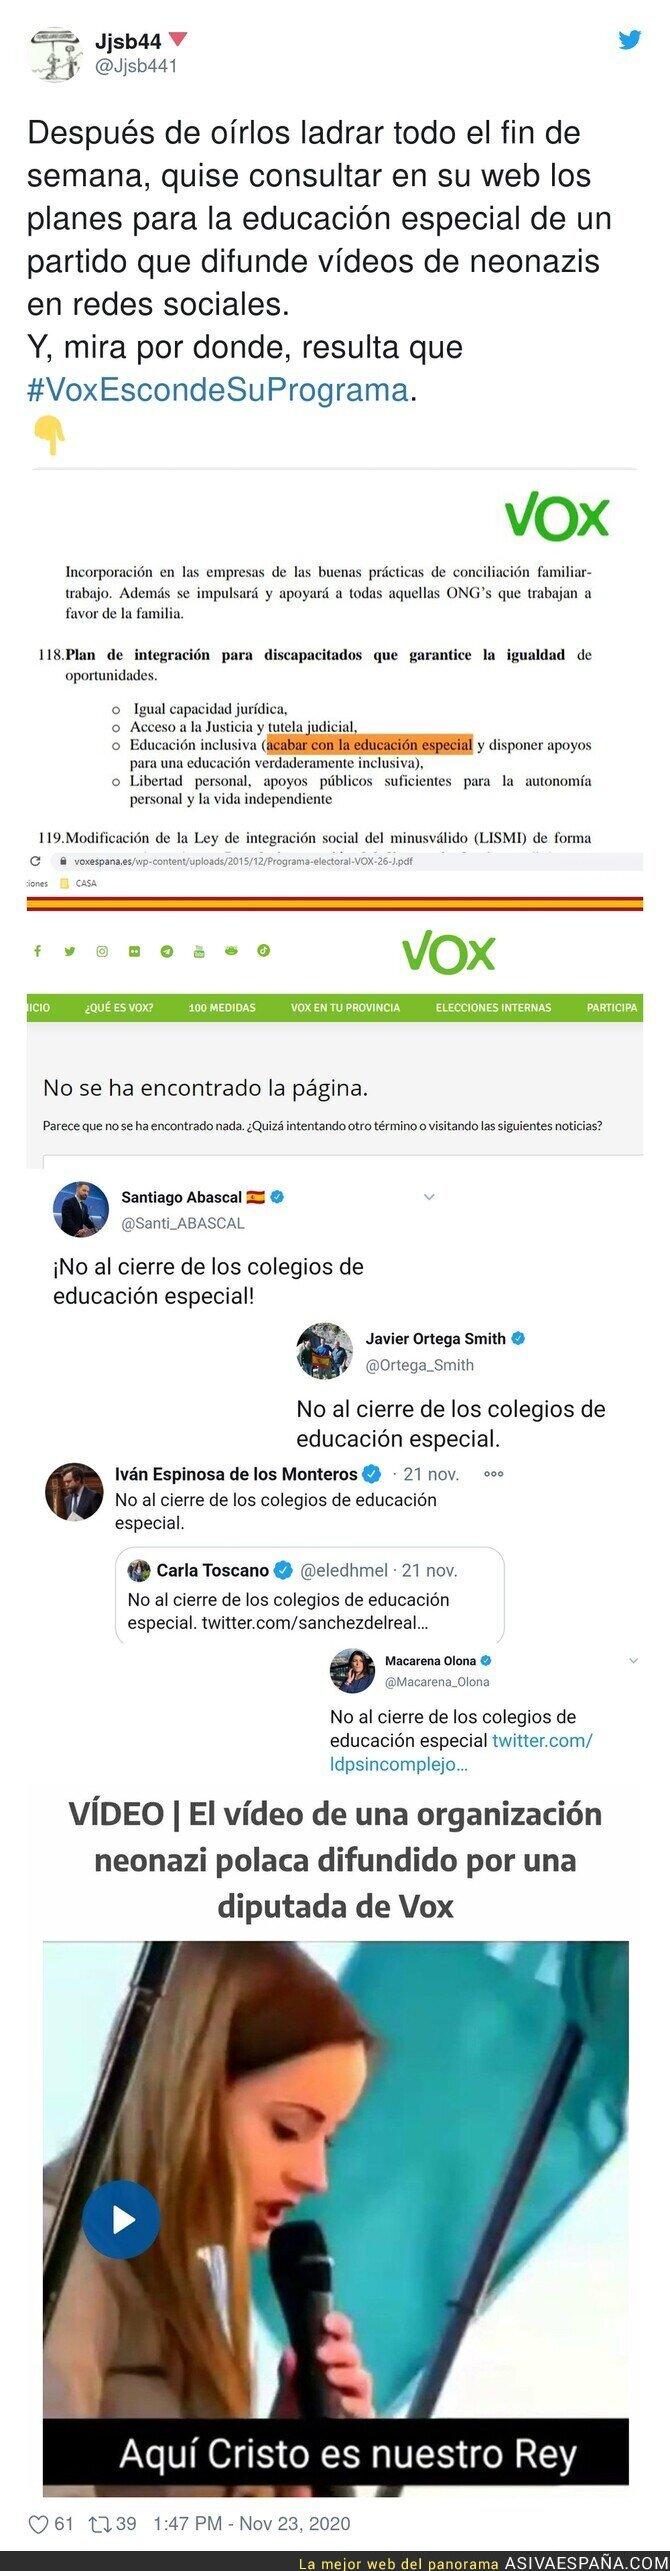 478854 - VOX es lo peor que ha pasado en la política española en toda su historia y todo esto lo demuestra